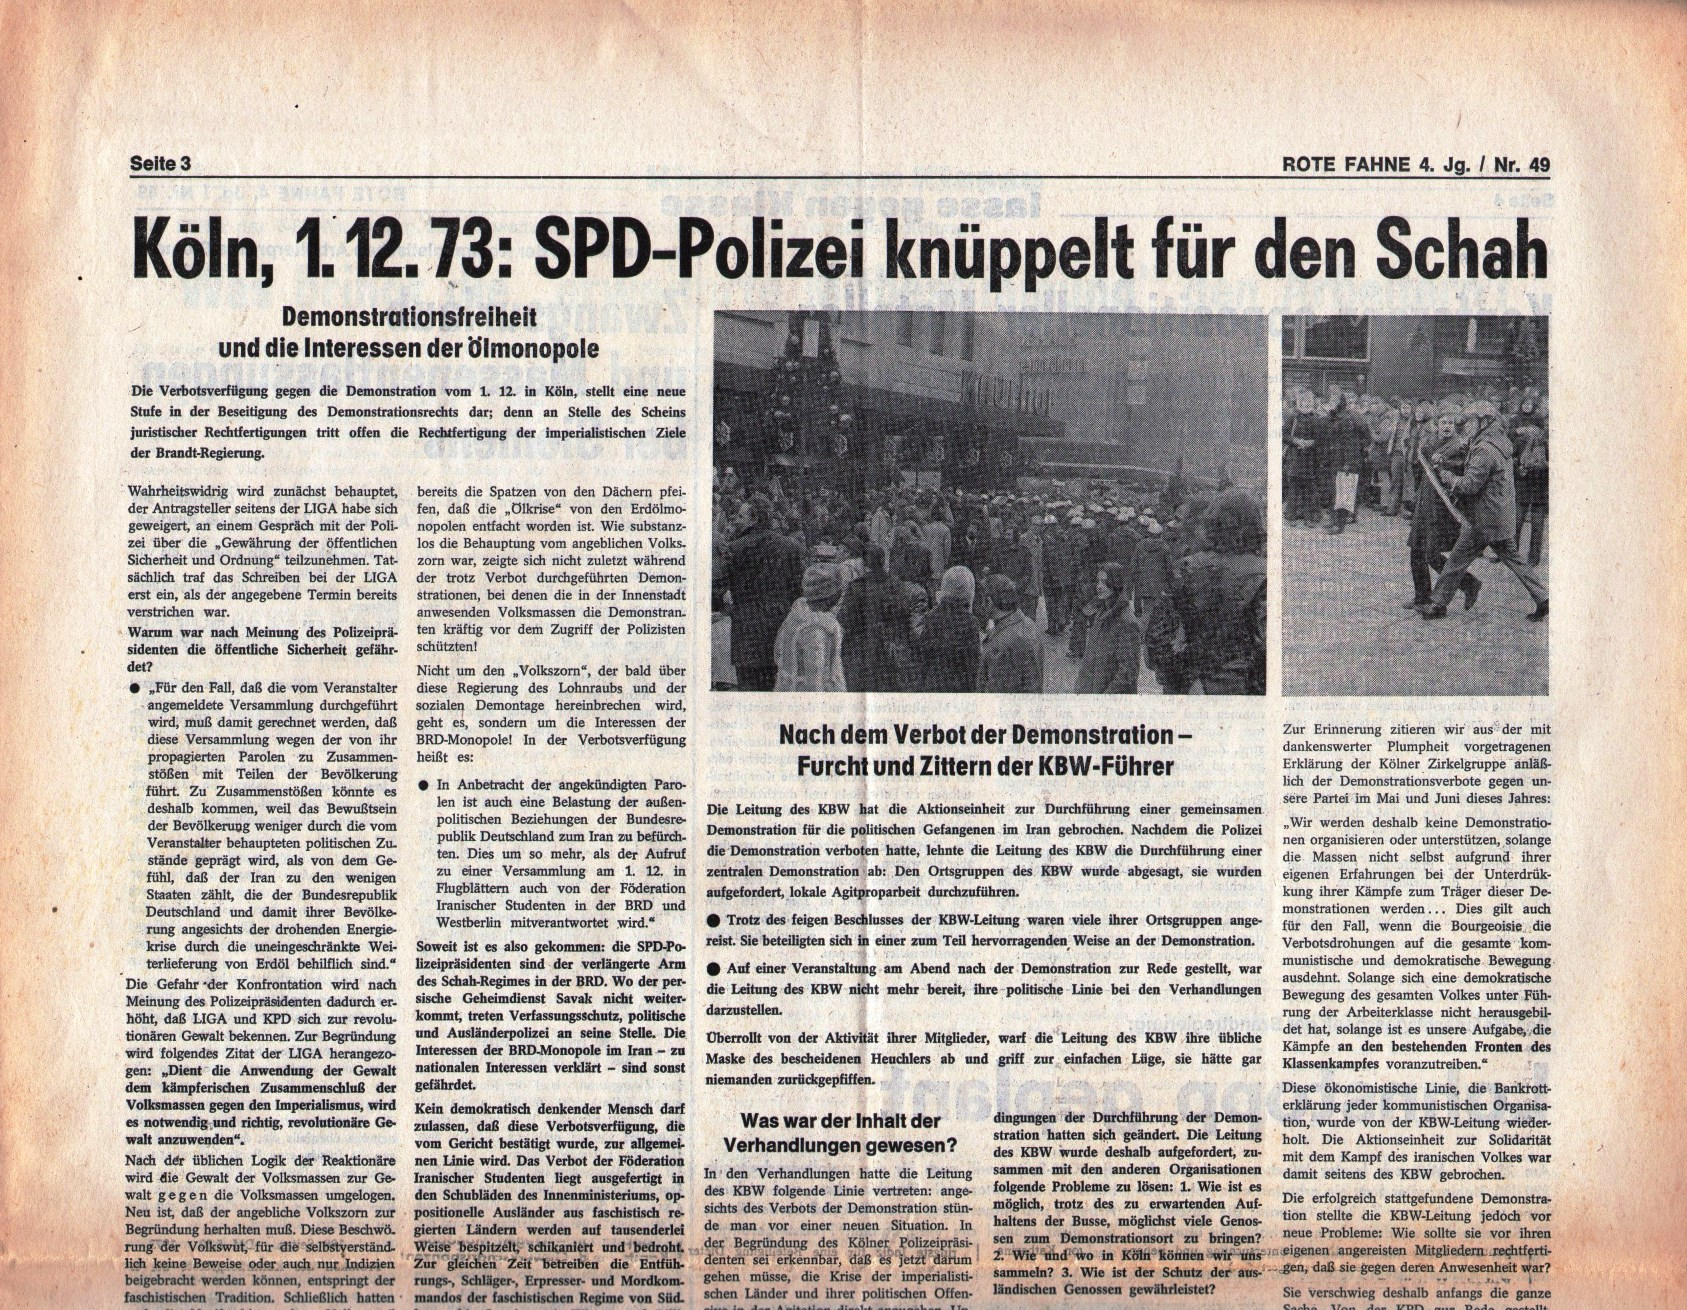 KPD_Rote_Fahne_1973_49_05